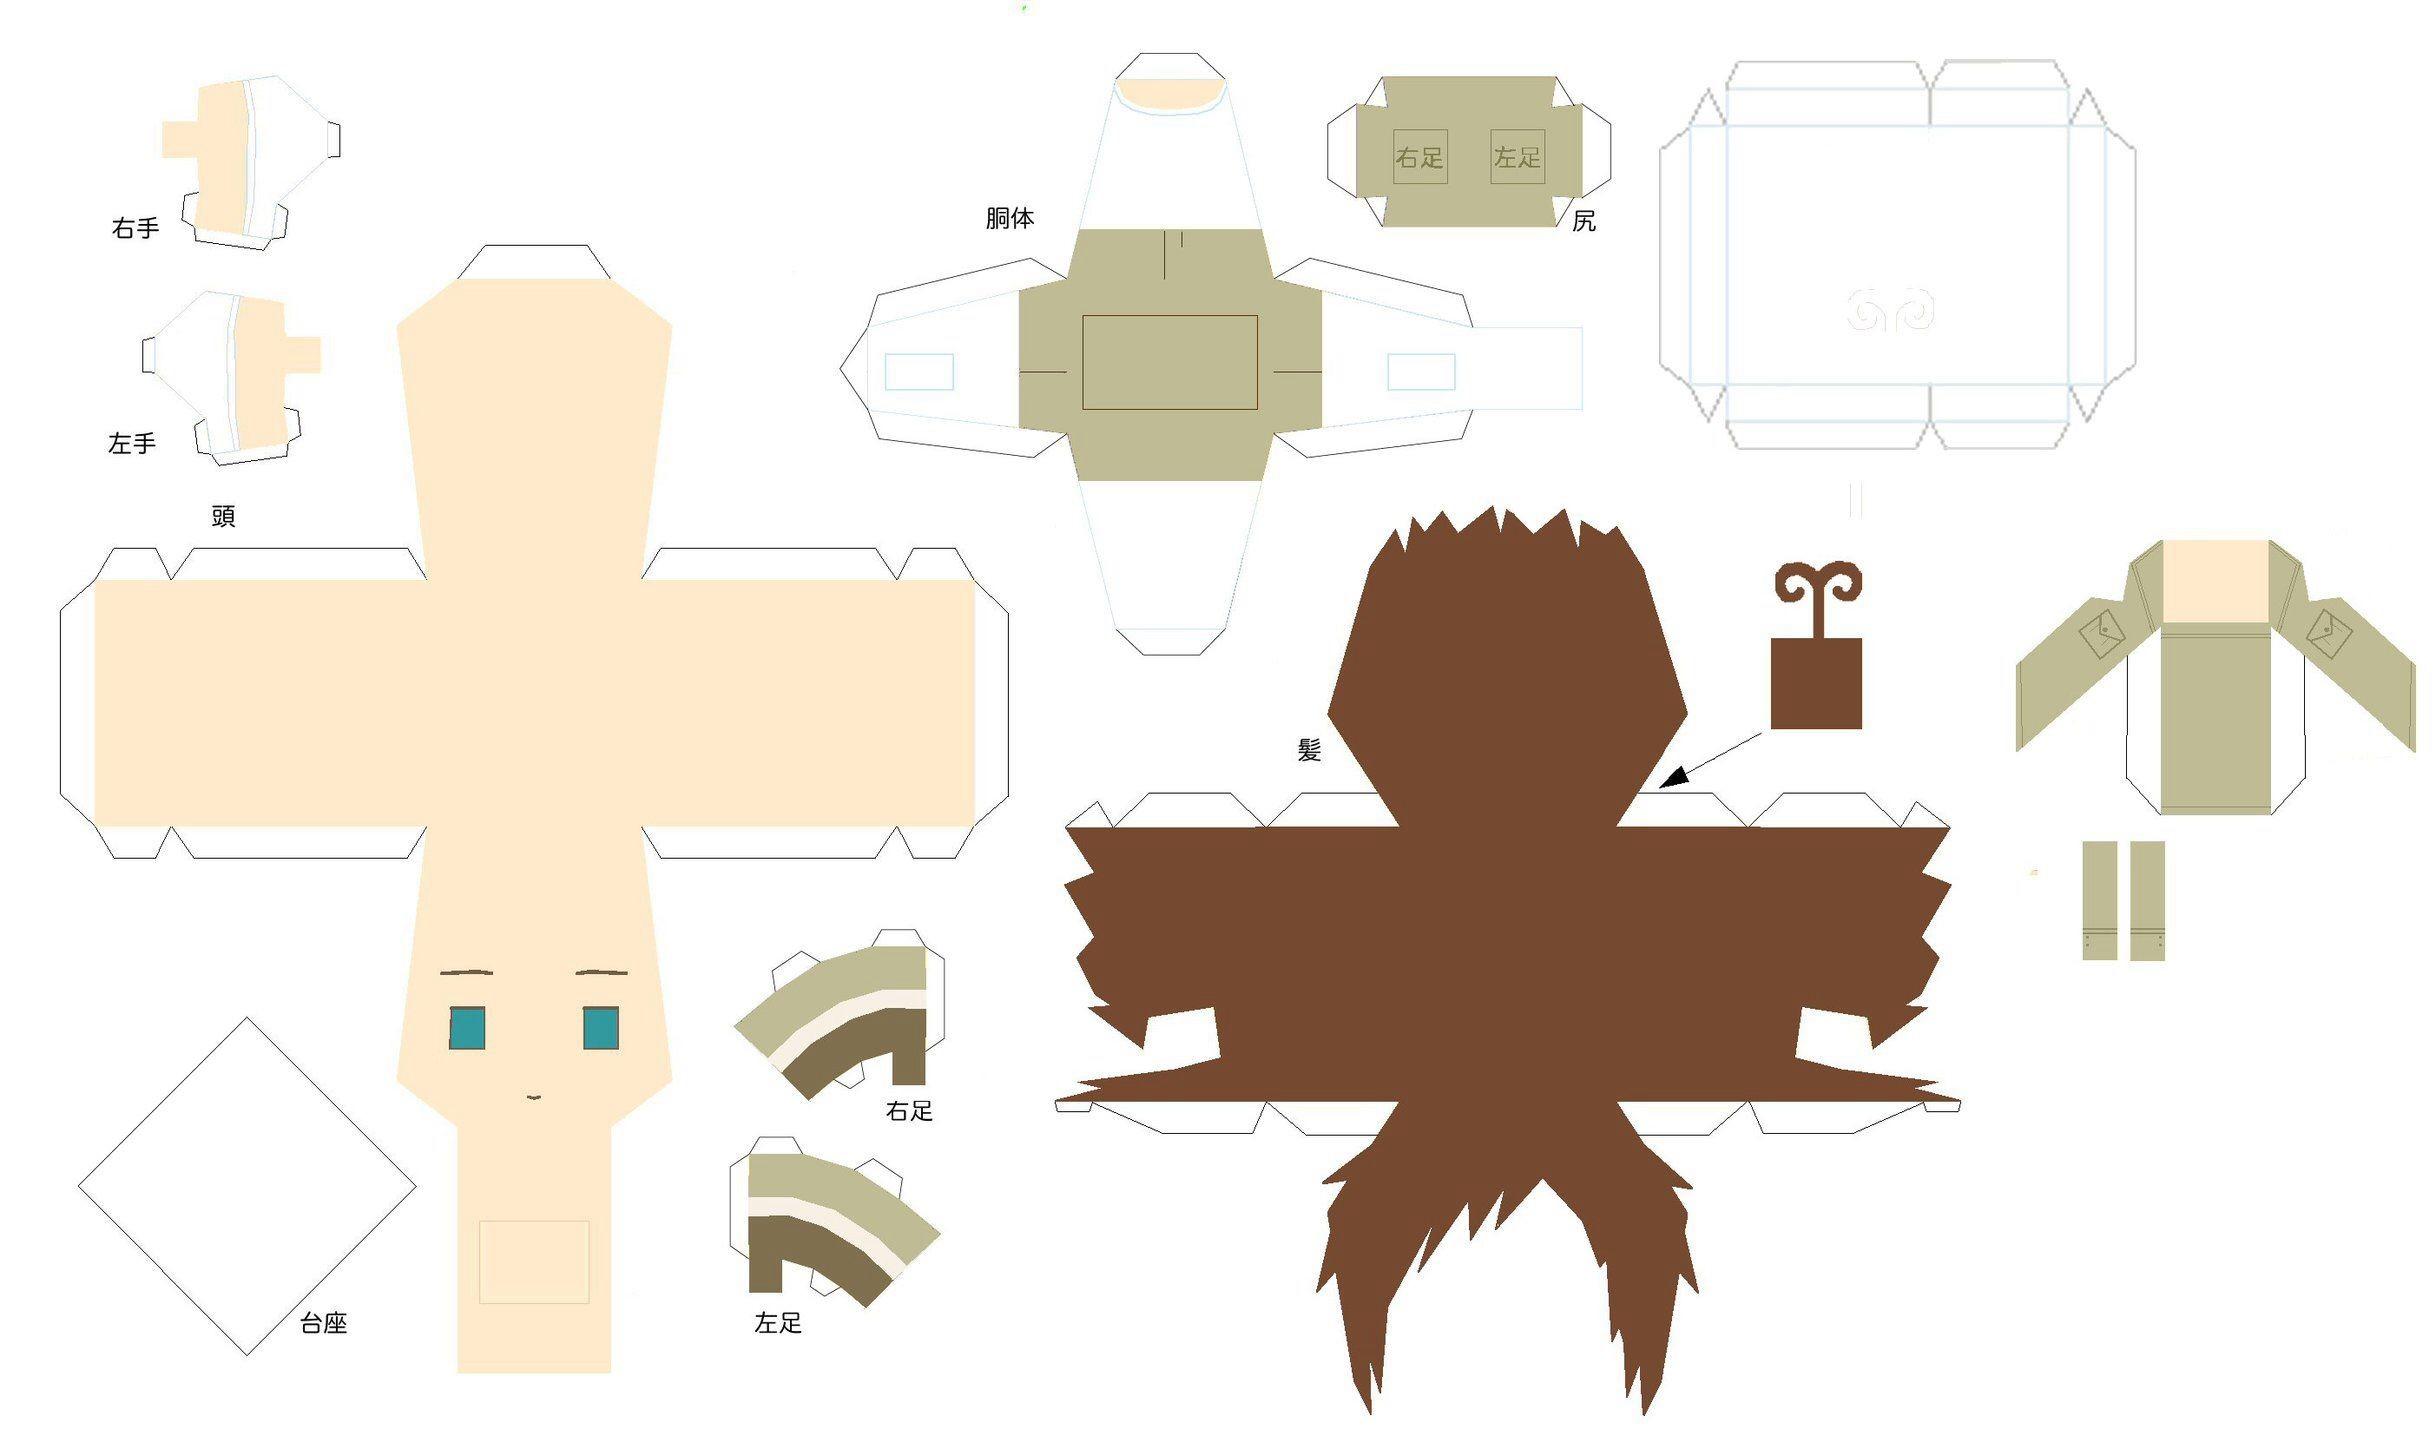 Anime Papercraft 圖片來源: